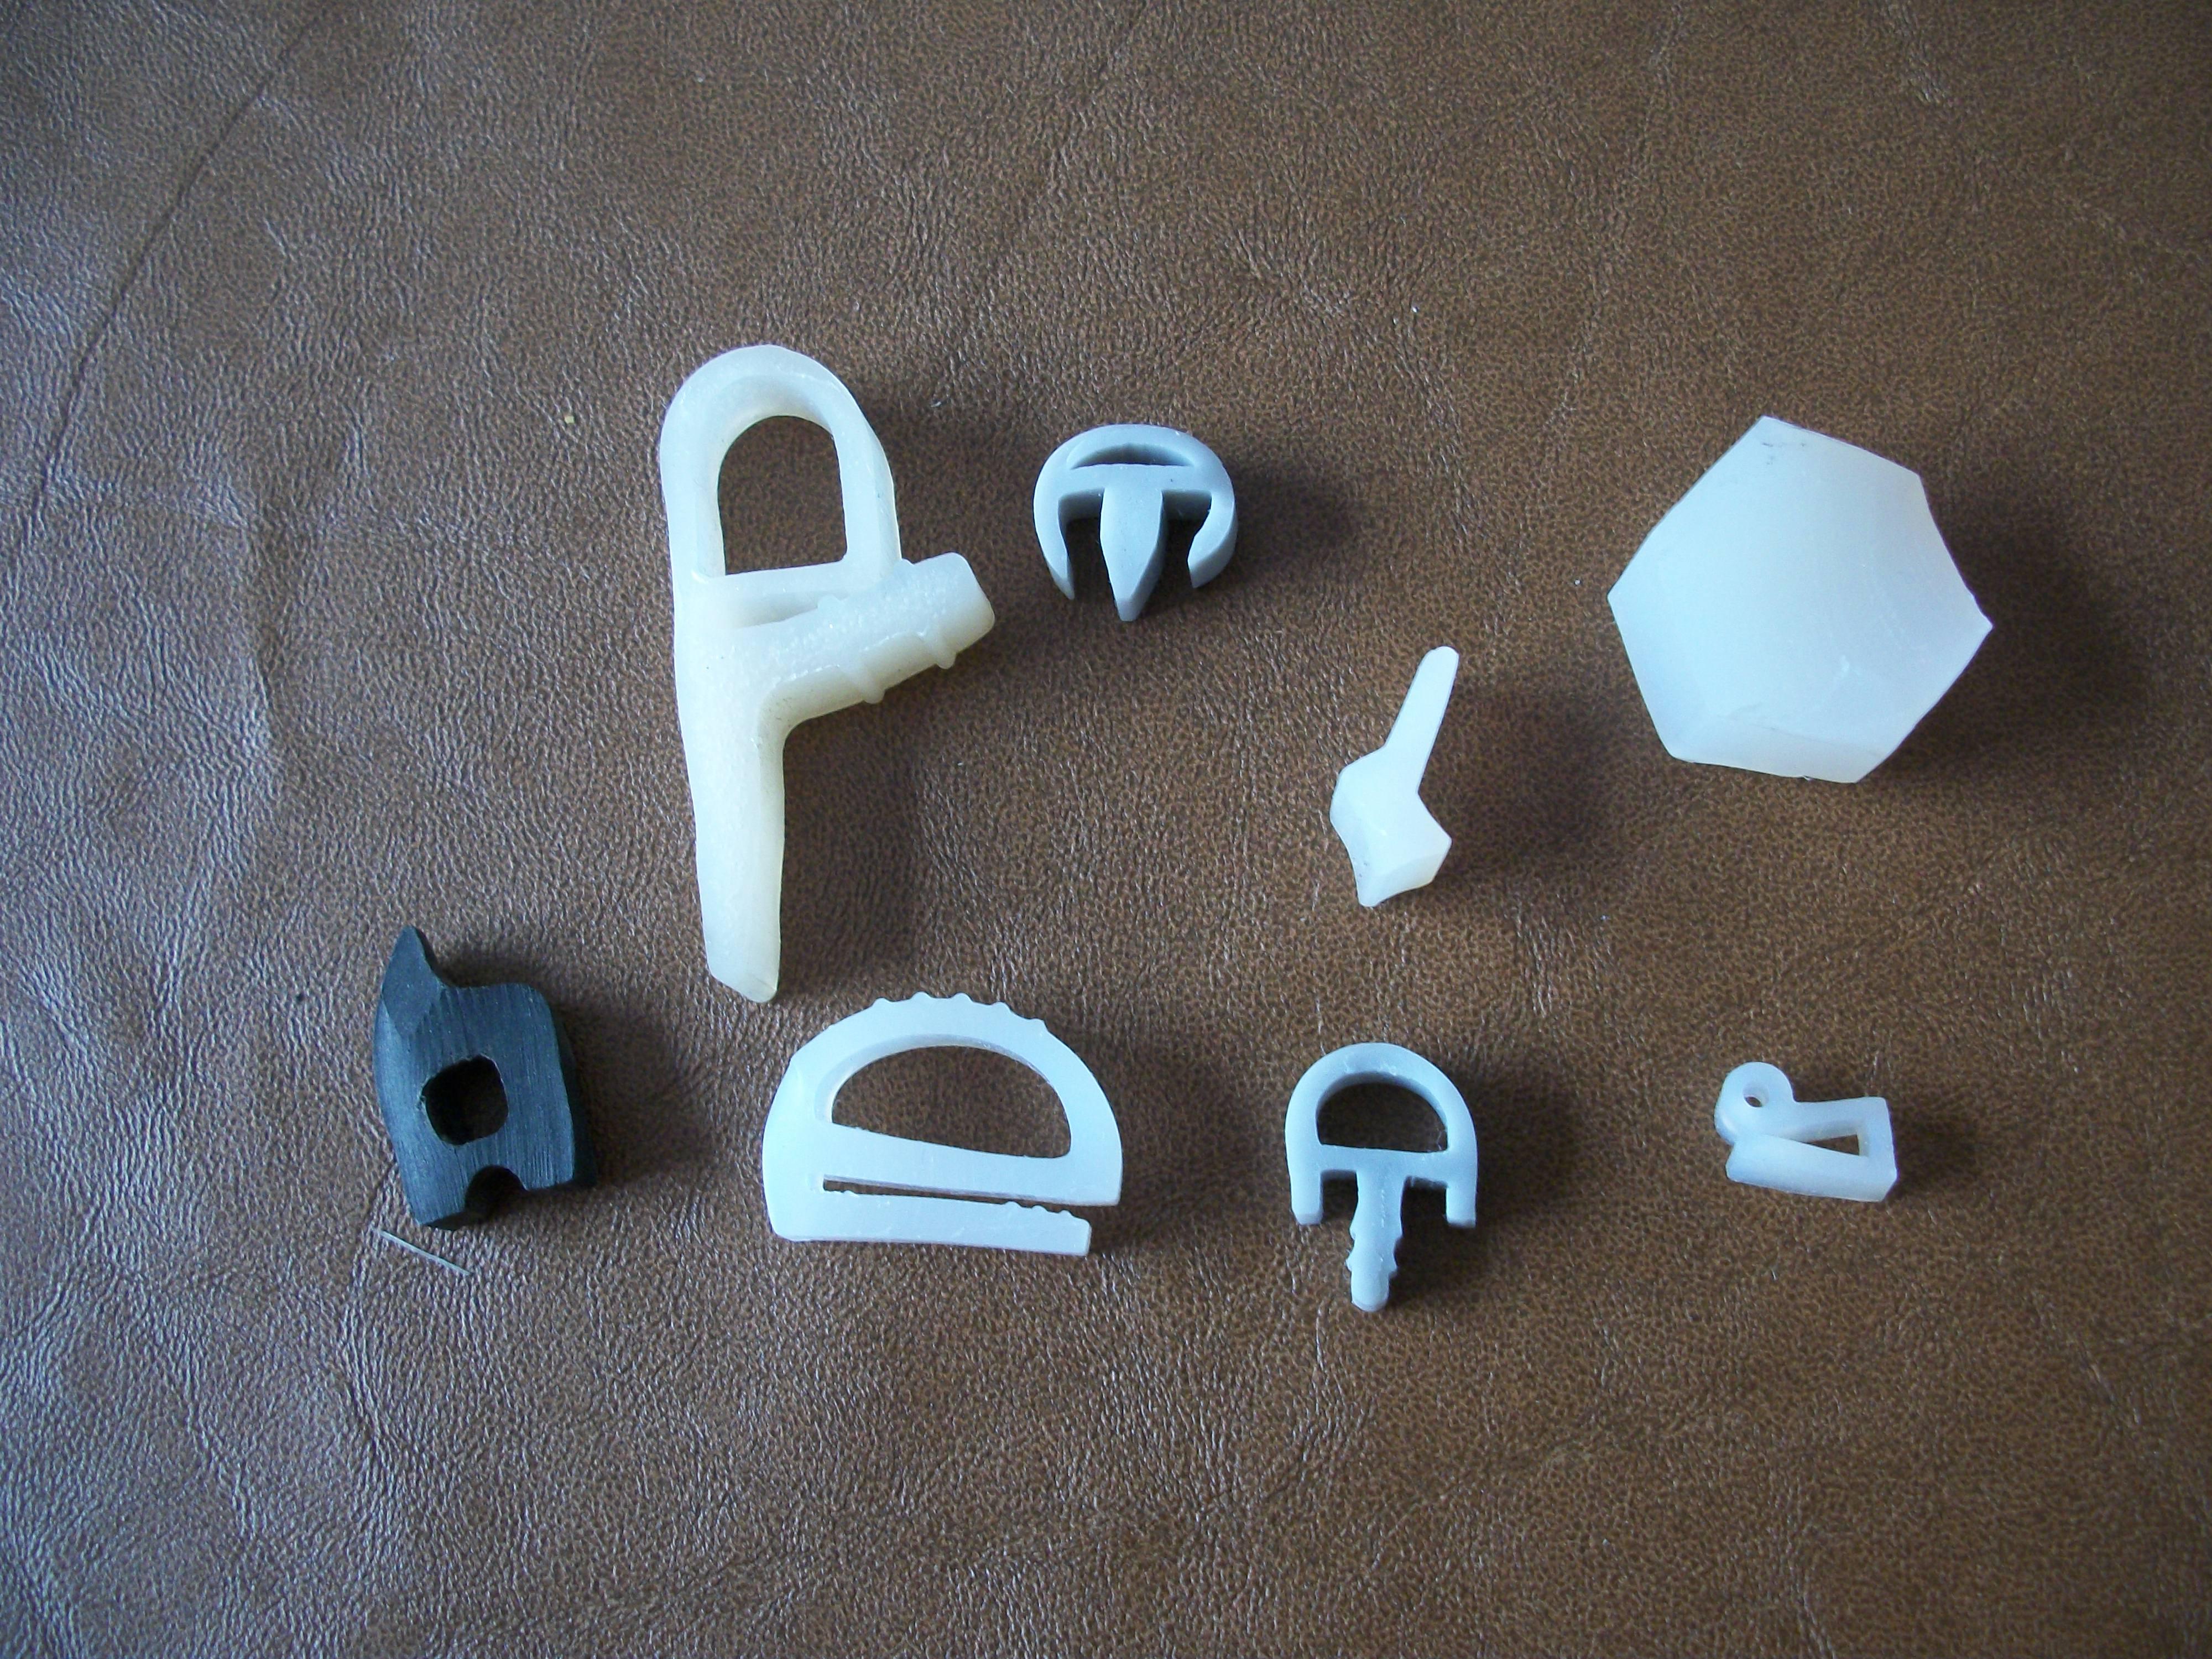 硅胶条硅胶管哪里便宜 硅胶条硅胶管哪里有卖